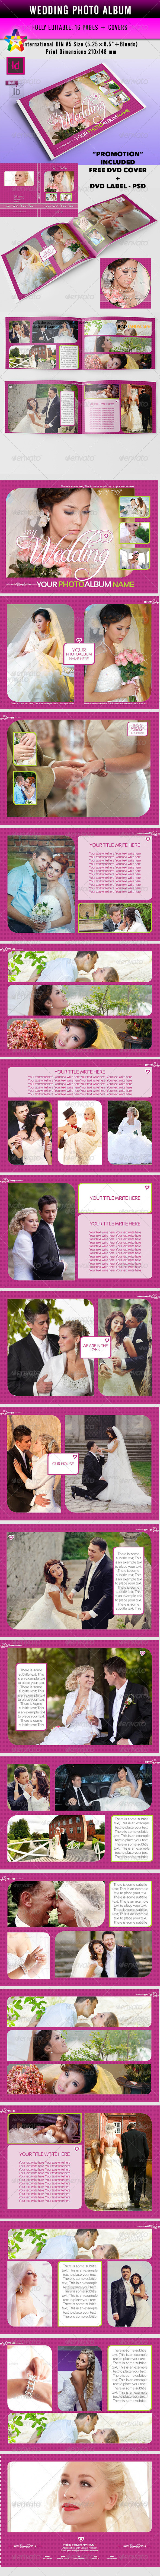 GraphicRiver My Wedding Photo Album v.1 indd 6240487